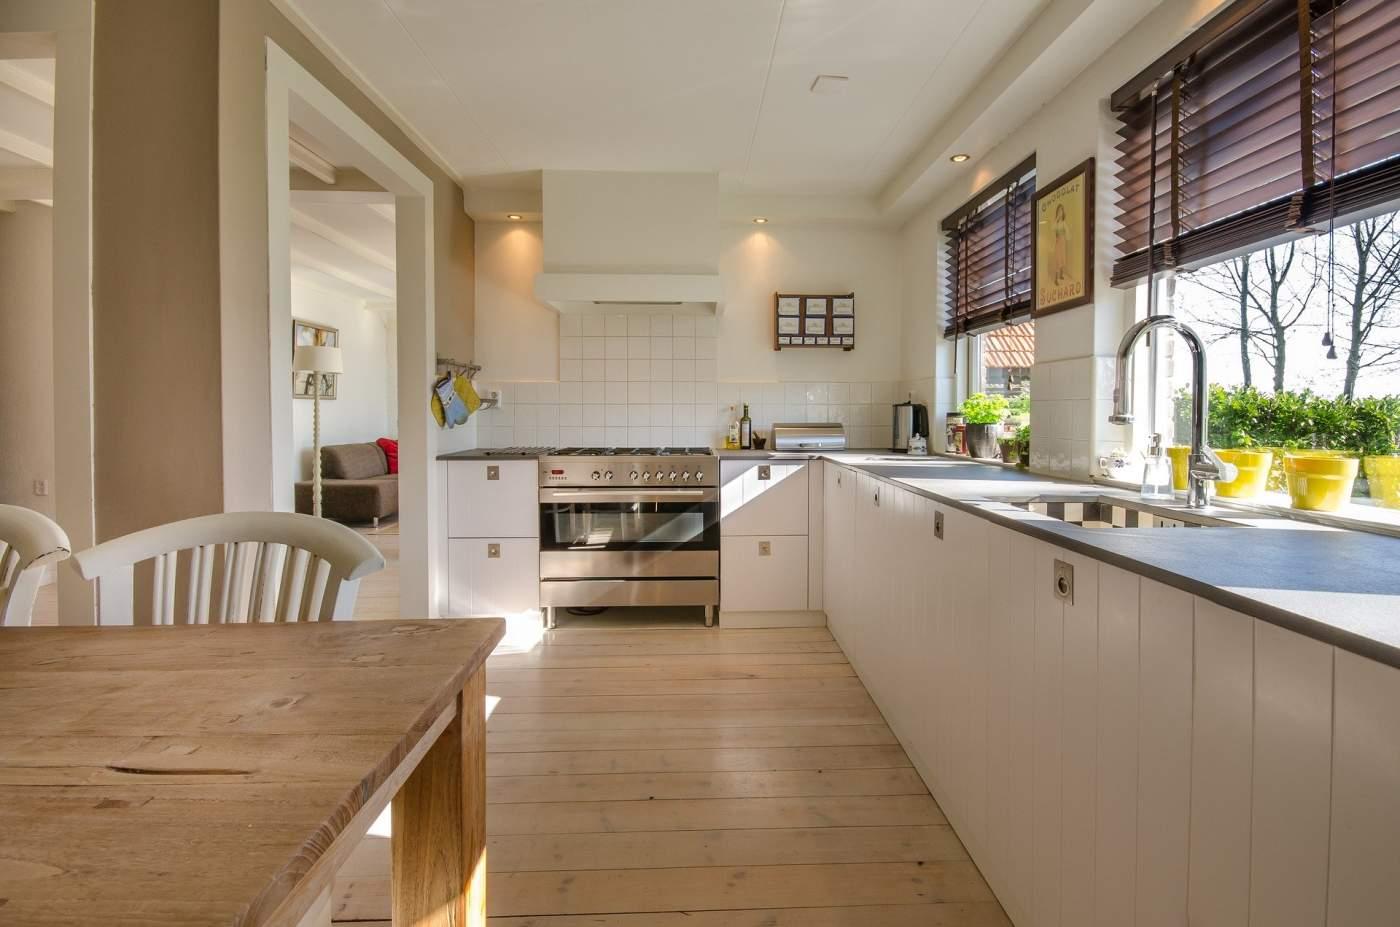 kitchen-home-interior-modern-room